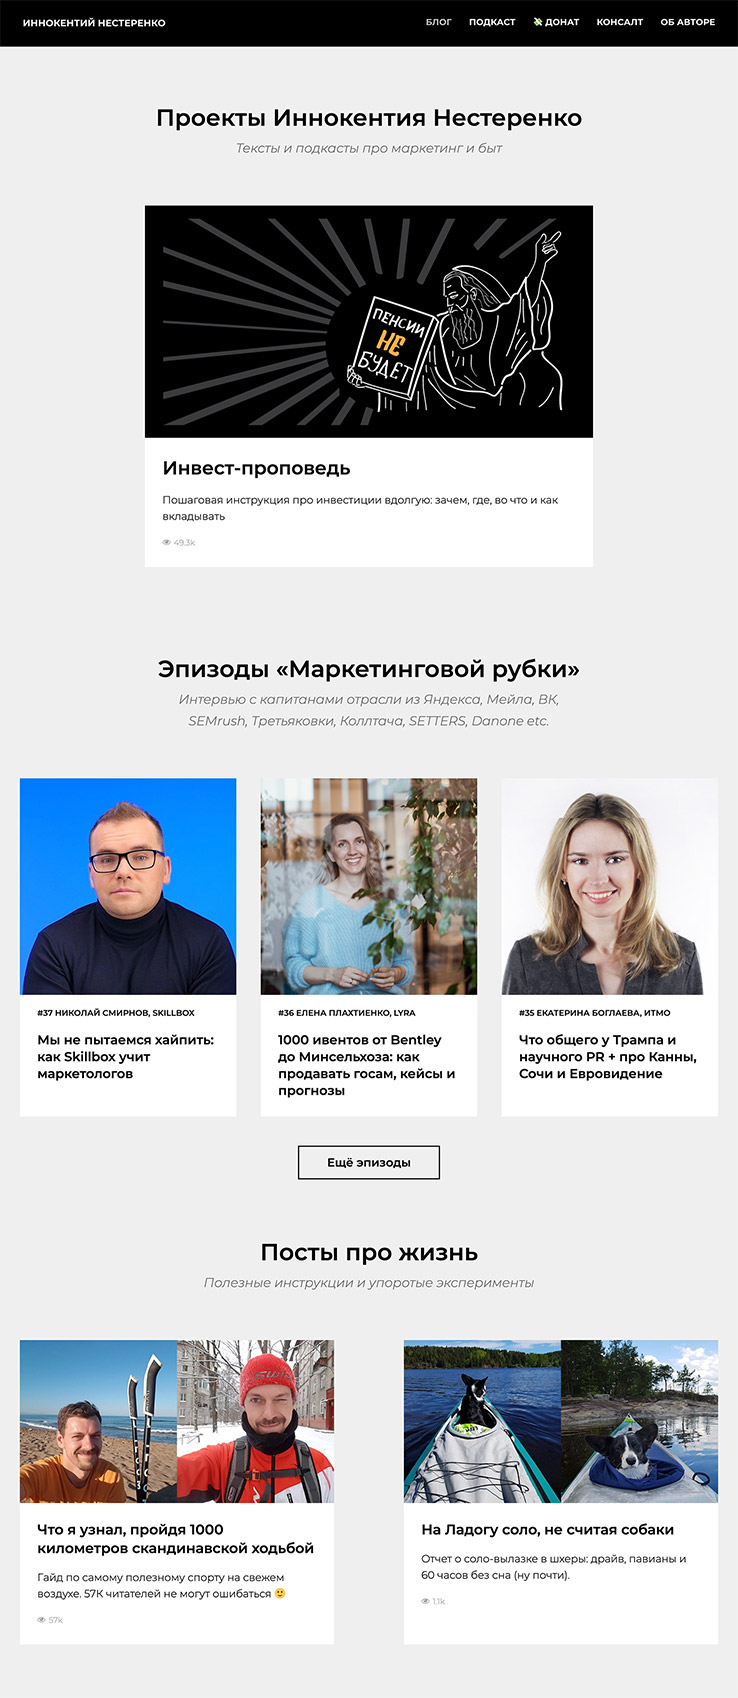 главная страница сайта kenest.com